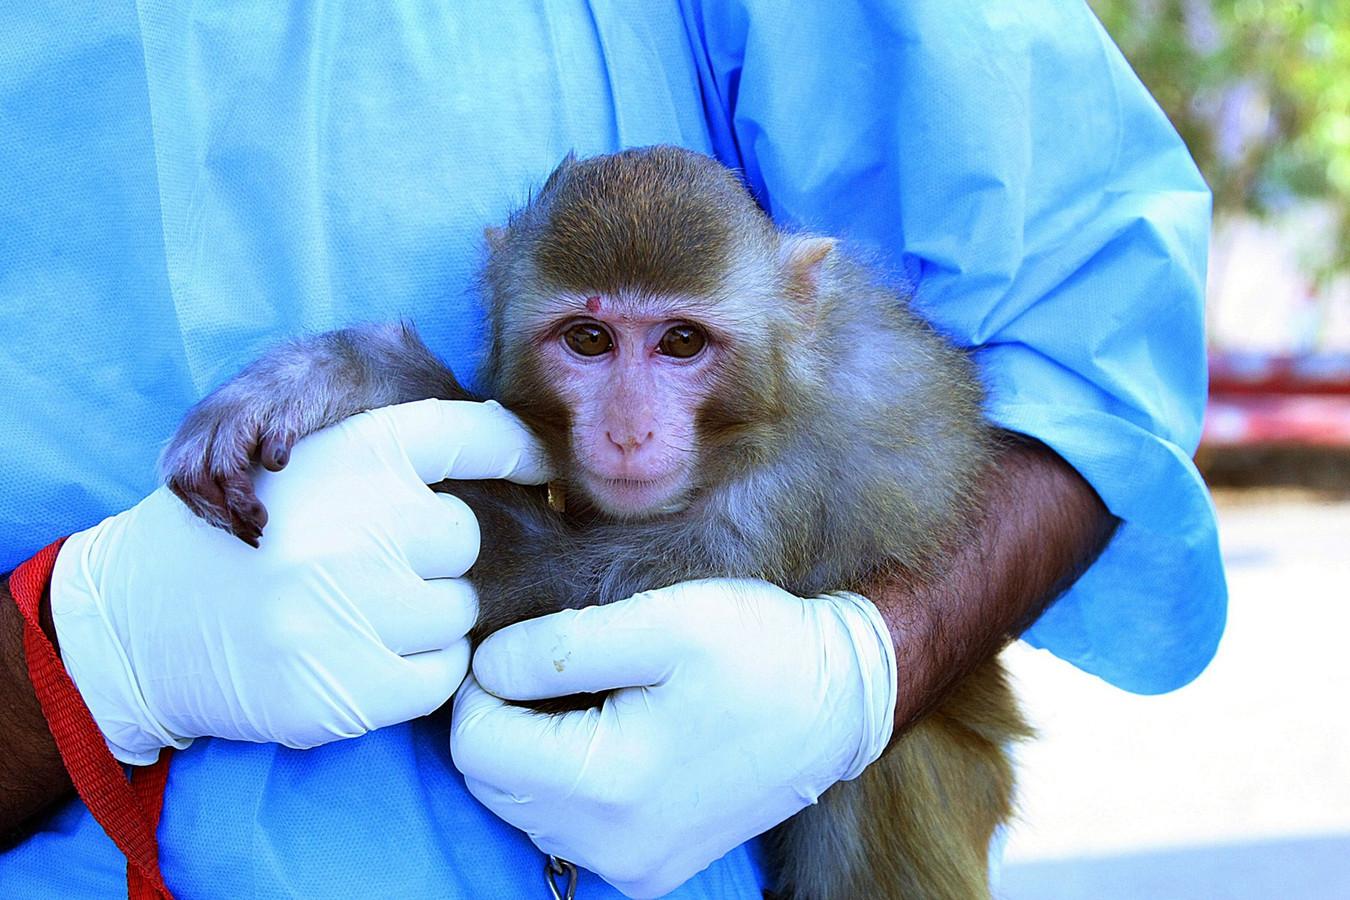 Het aapje dat Iran de ruimte in zou gestuurd hebben.